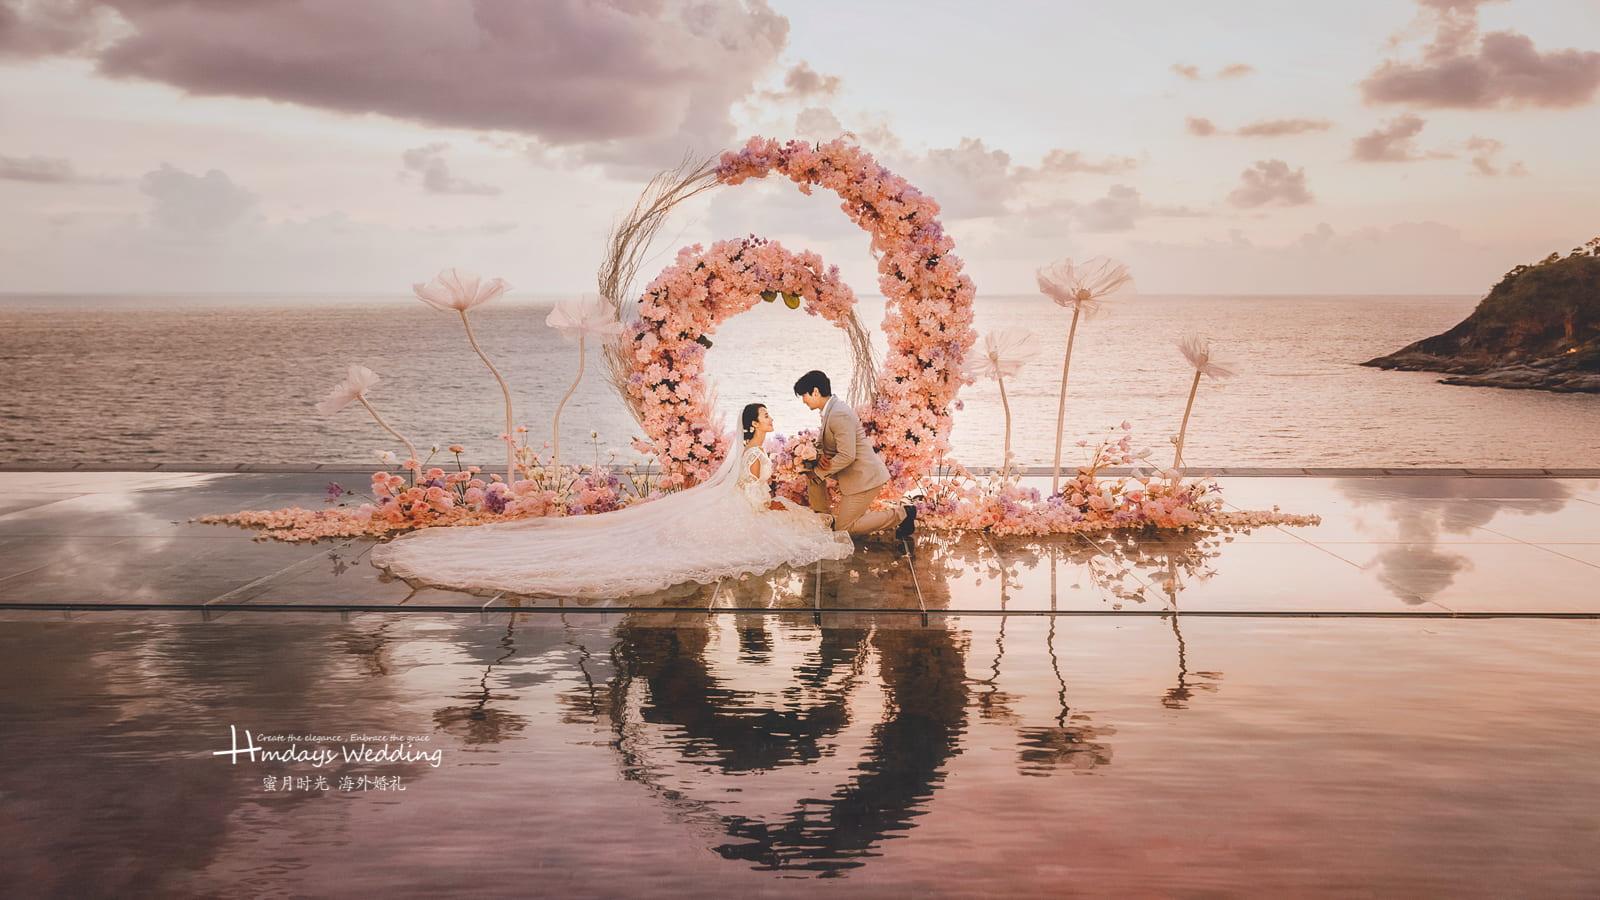 普吉岛天空之城婚礼场地样张参考